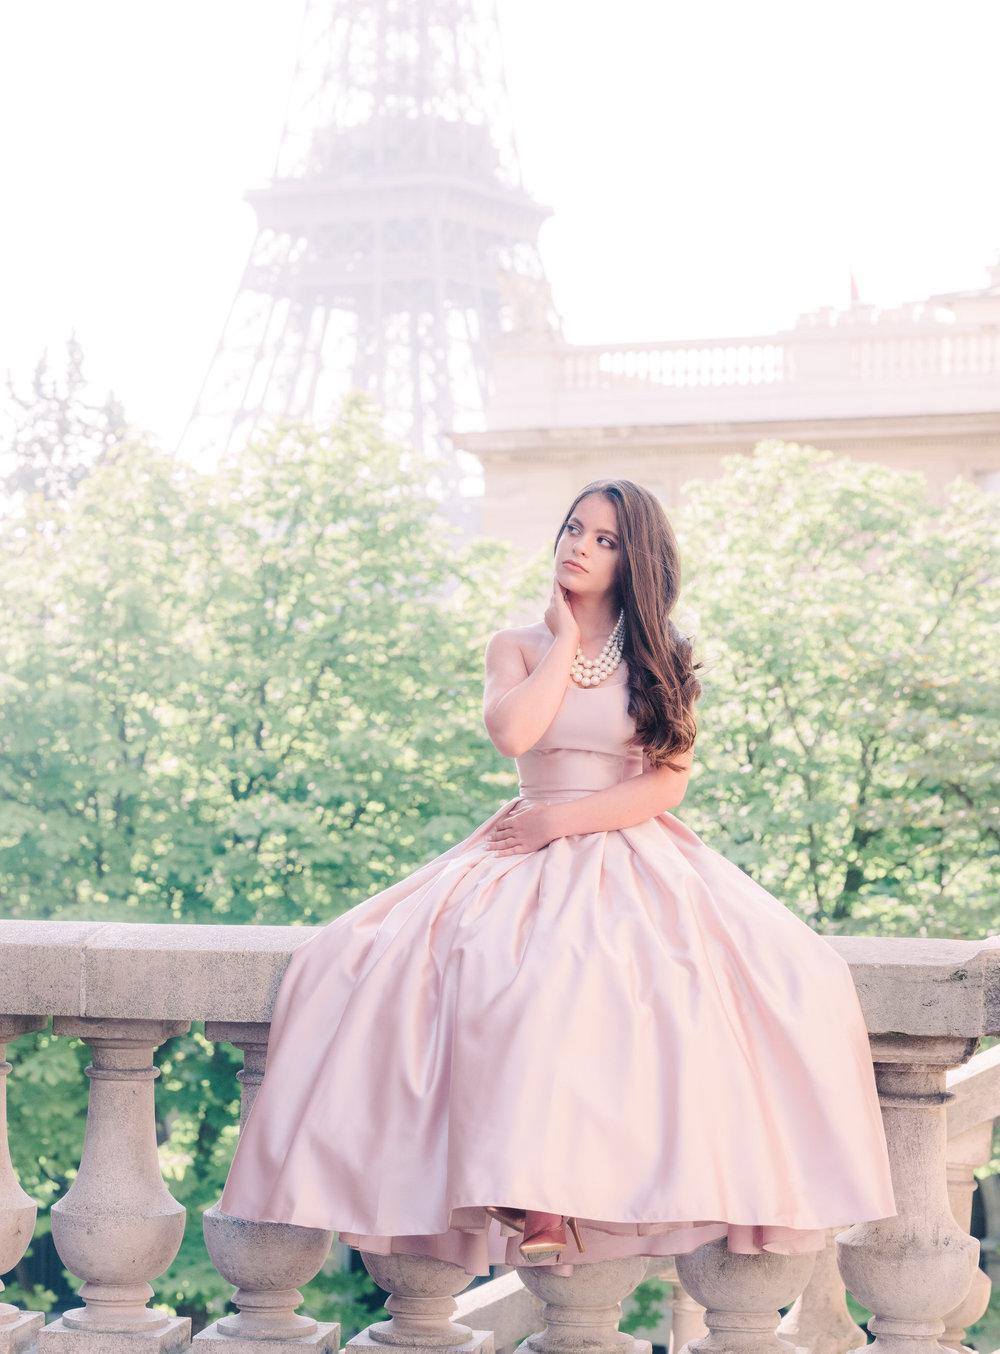 paris dream photo shoot for women in paris france